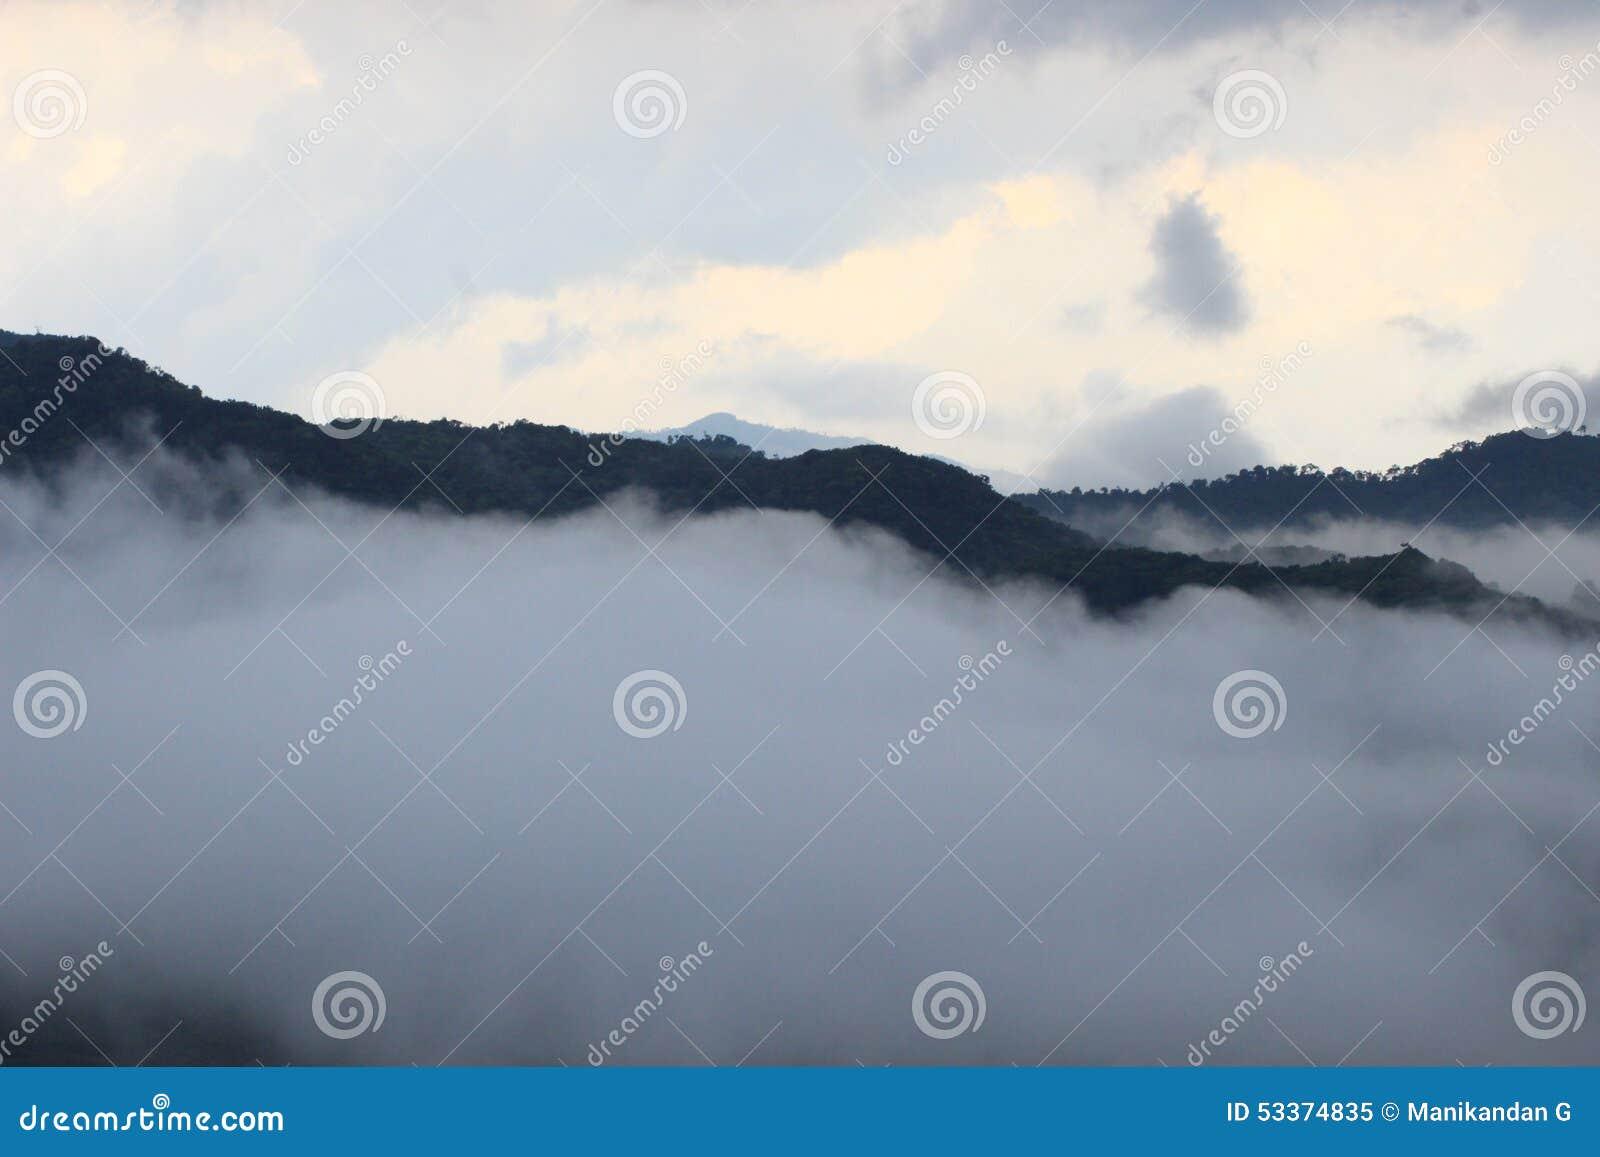 Красивое Indian Hills, Munnar, Керала, Индия